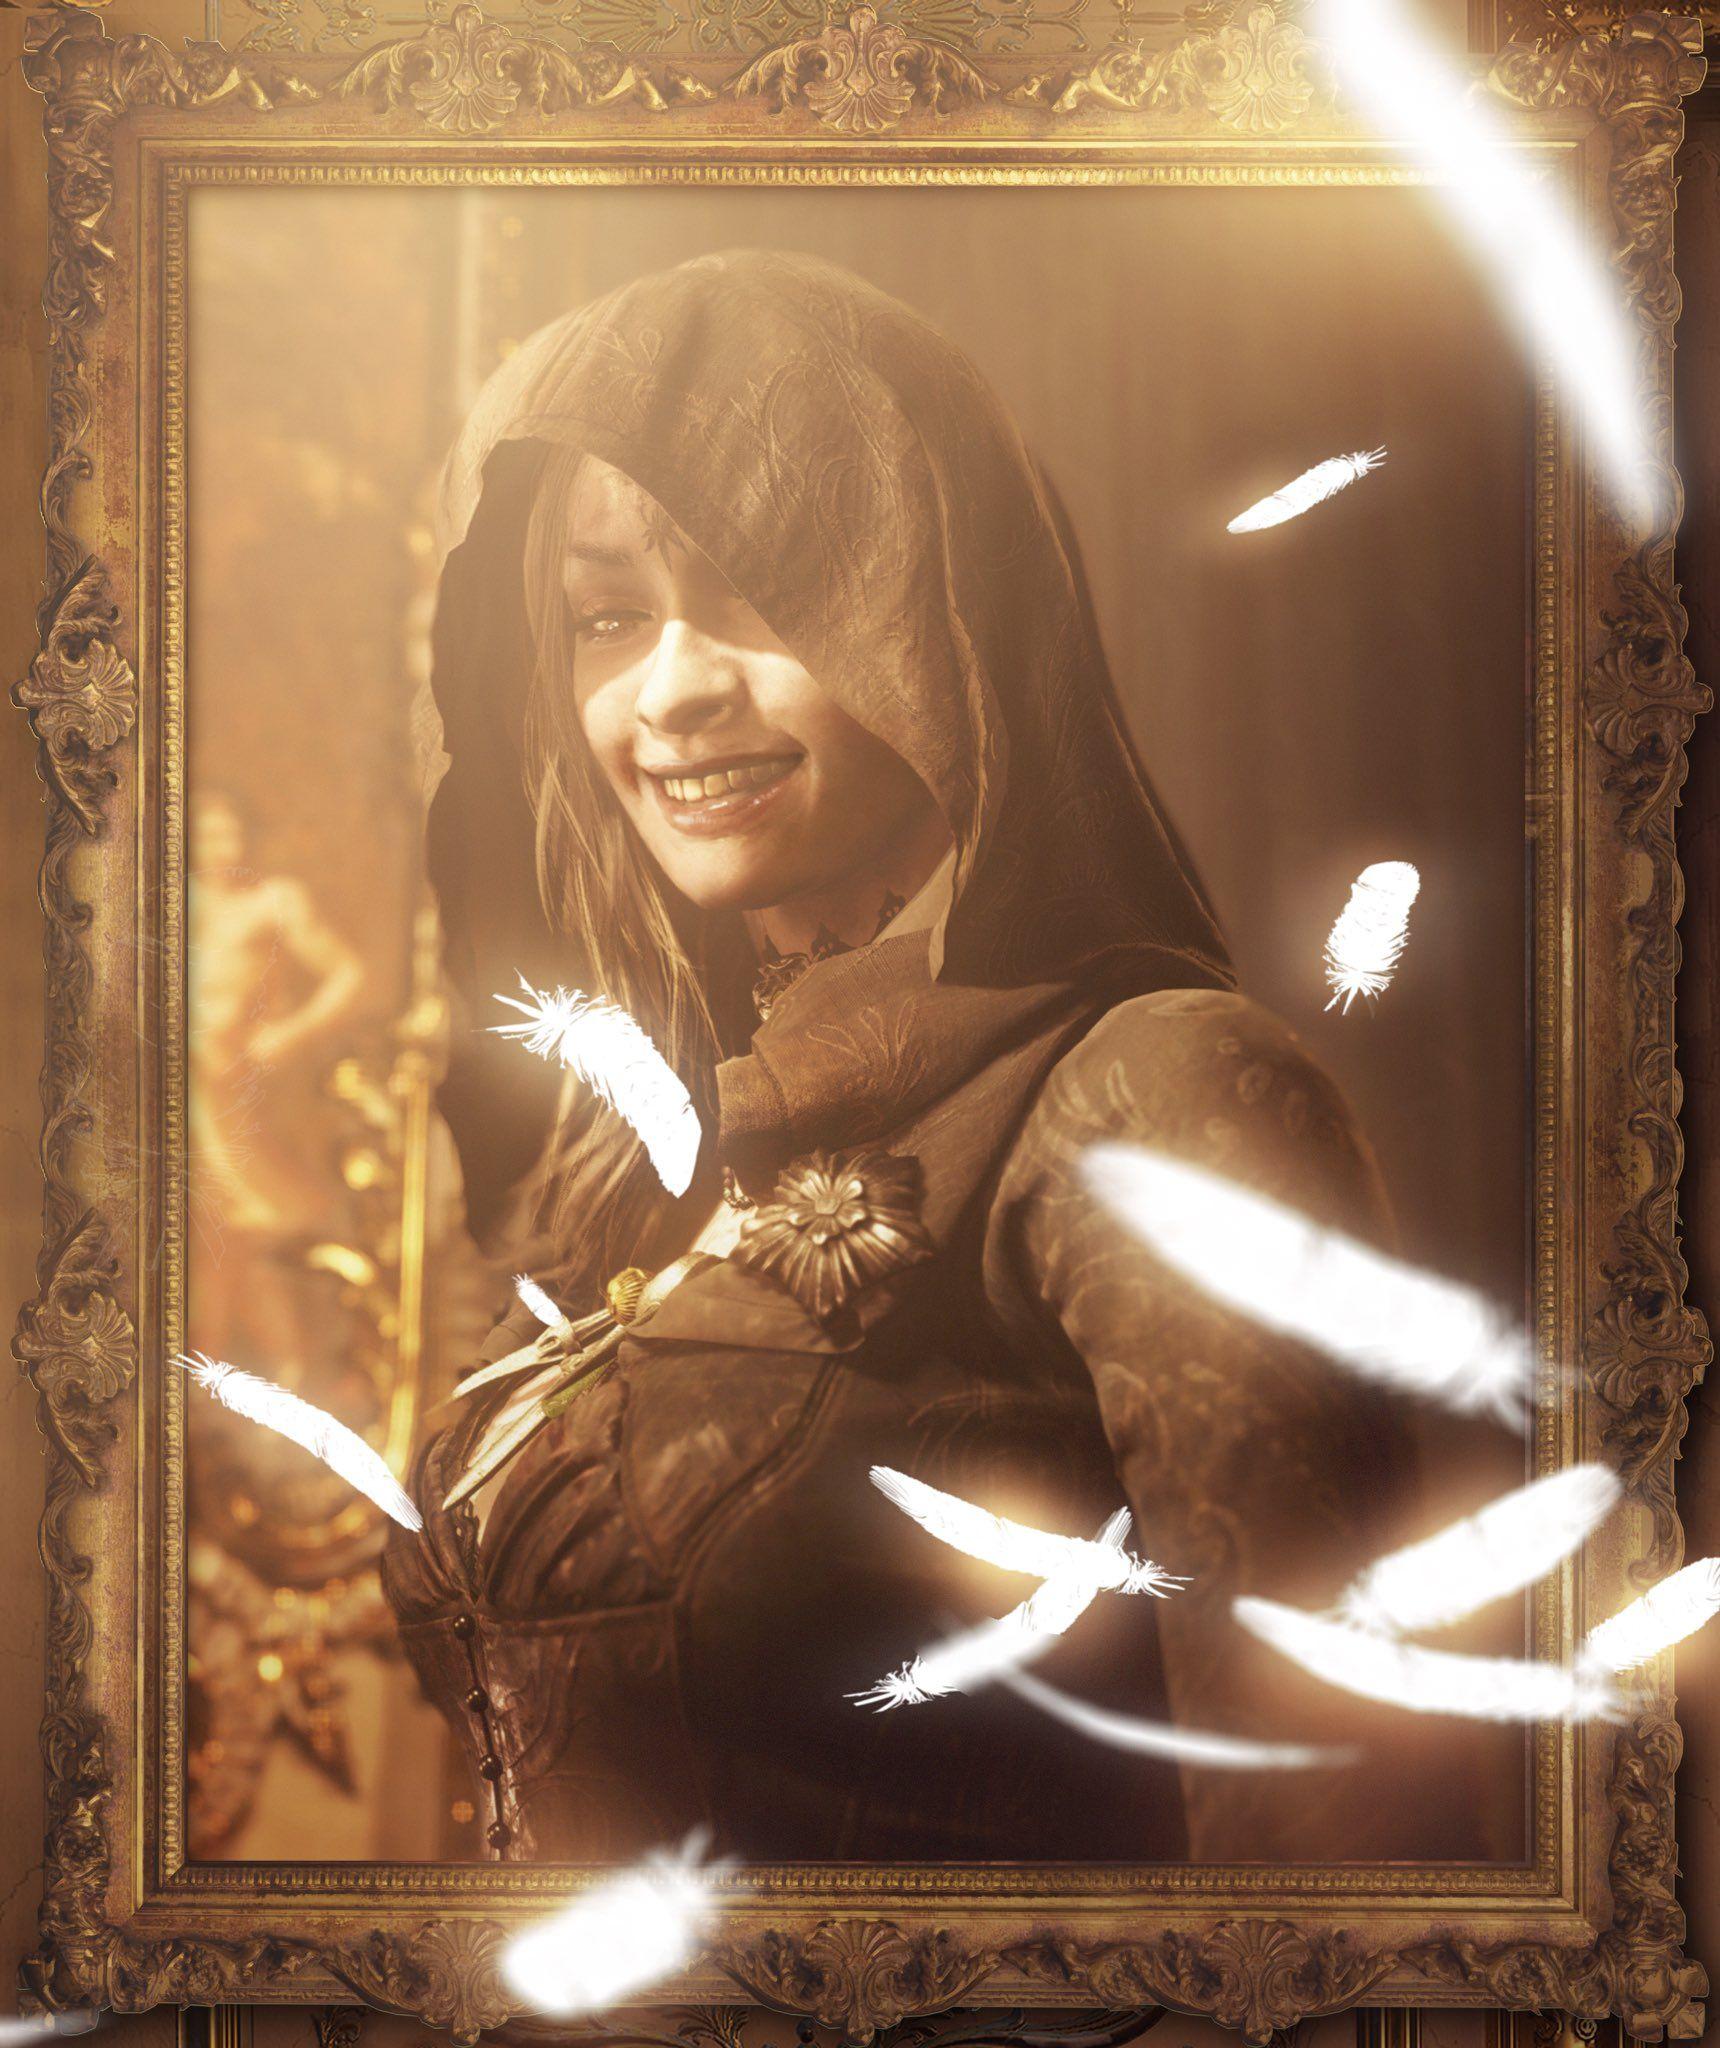 Capcom Dev 1 On Twitter In 2021 Resident Evil Character Design Girl Artwork